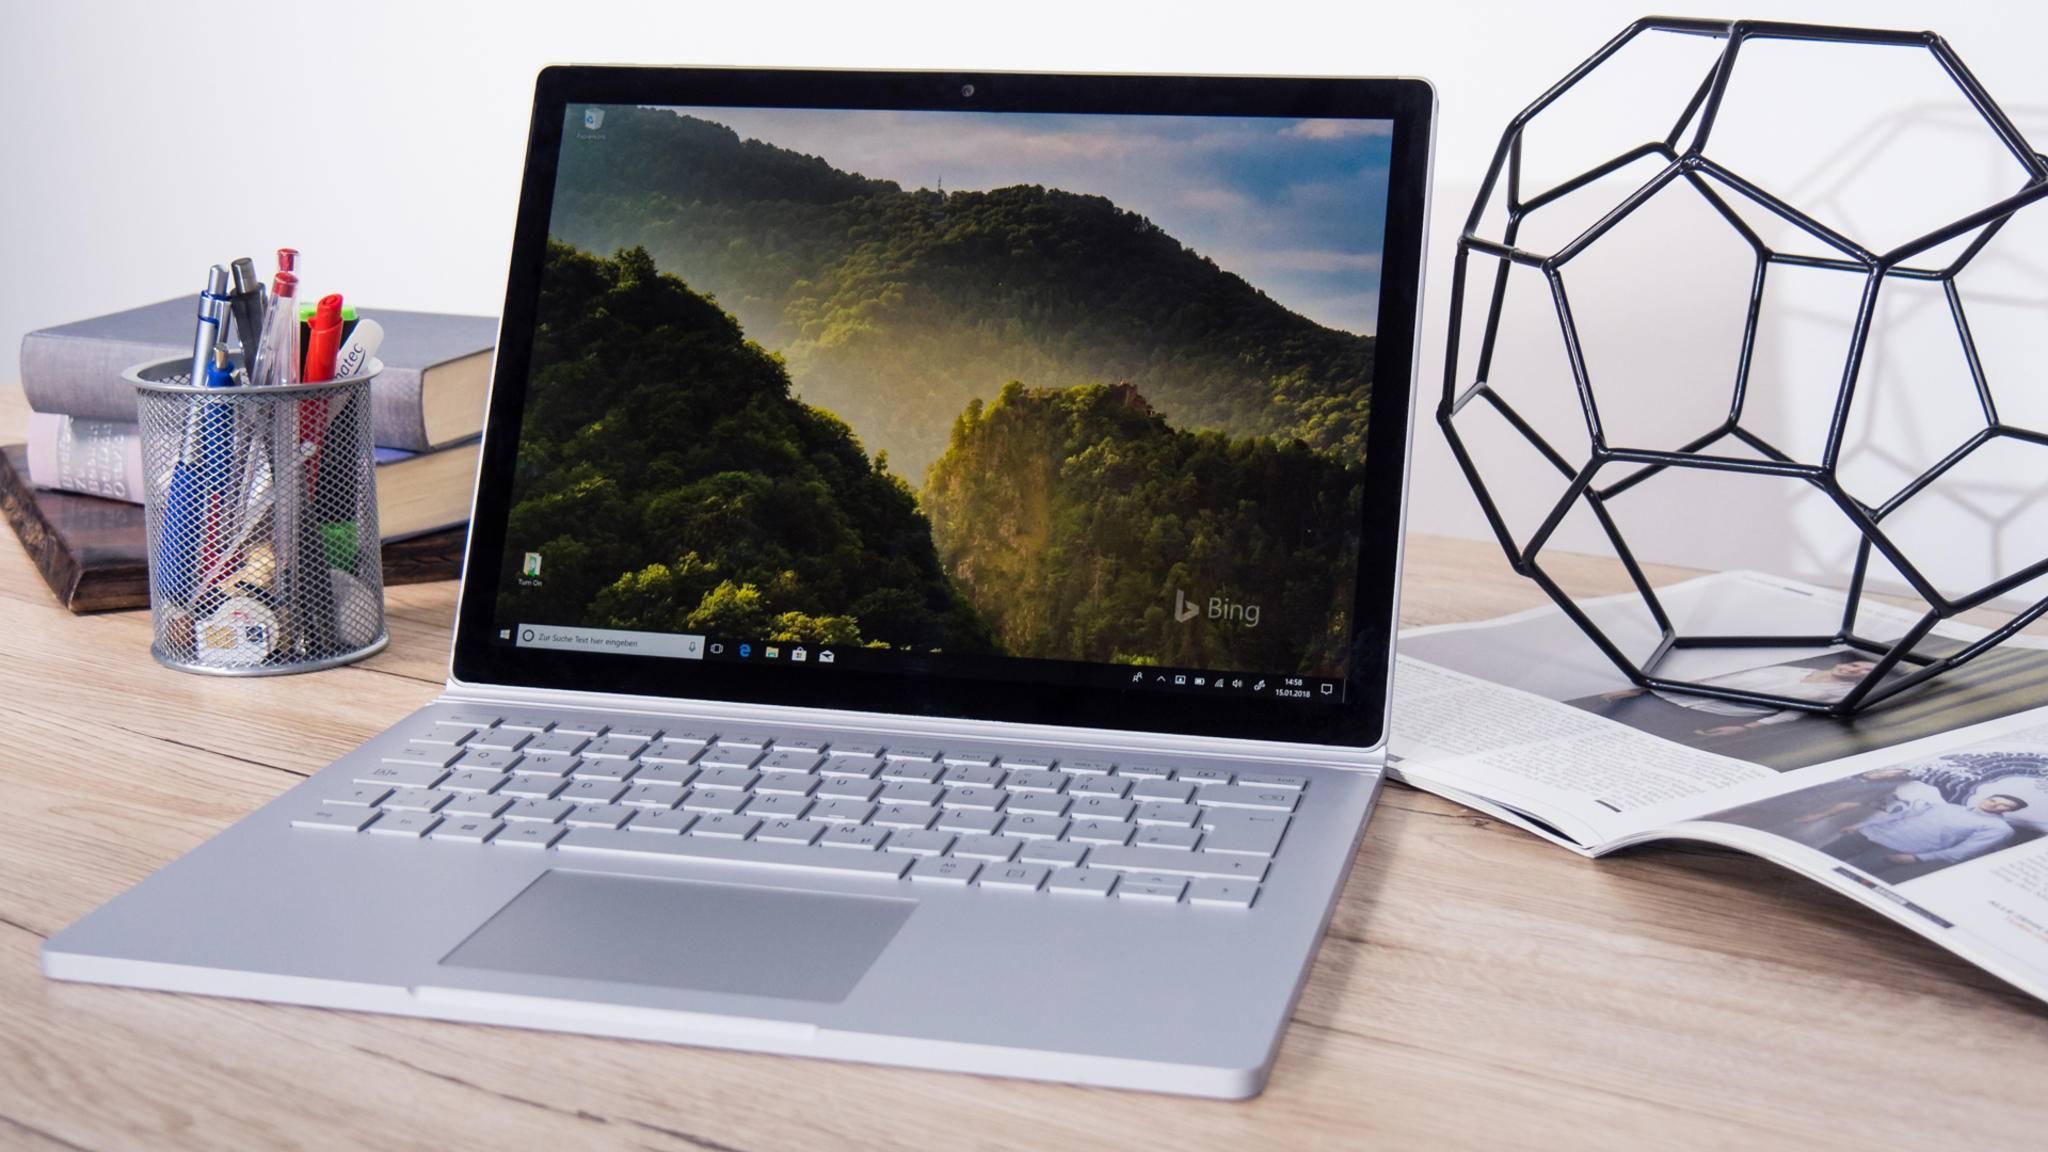 Wir haben verglichen, worin sich das Surface Book 2 und das Surface Pro (2017) voneinander unterscheiden.